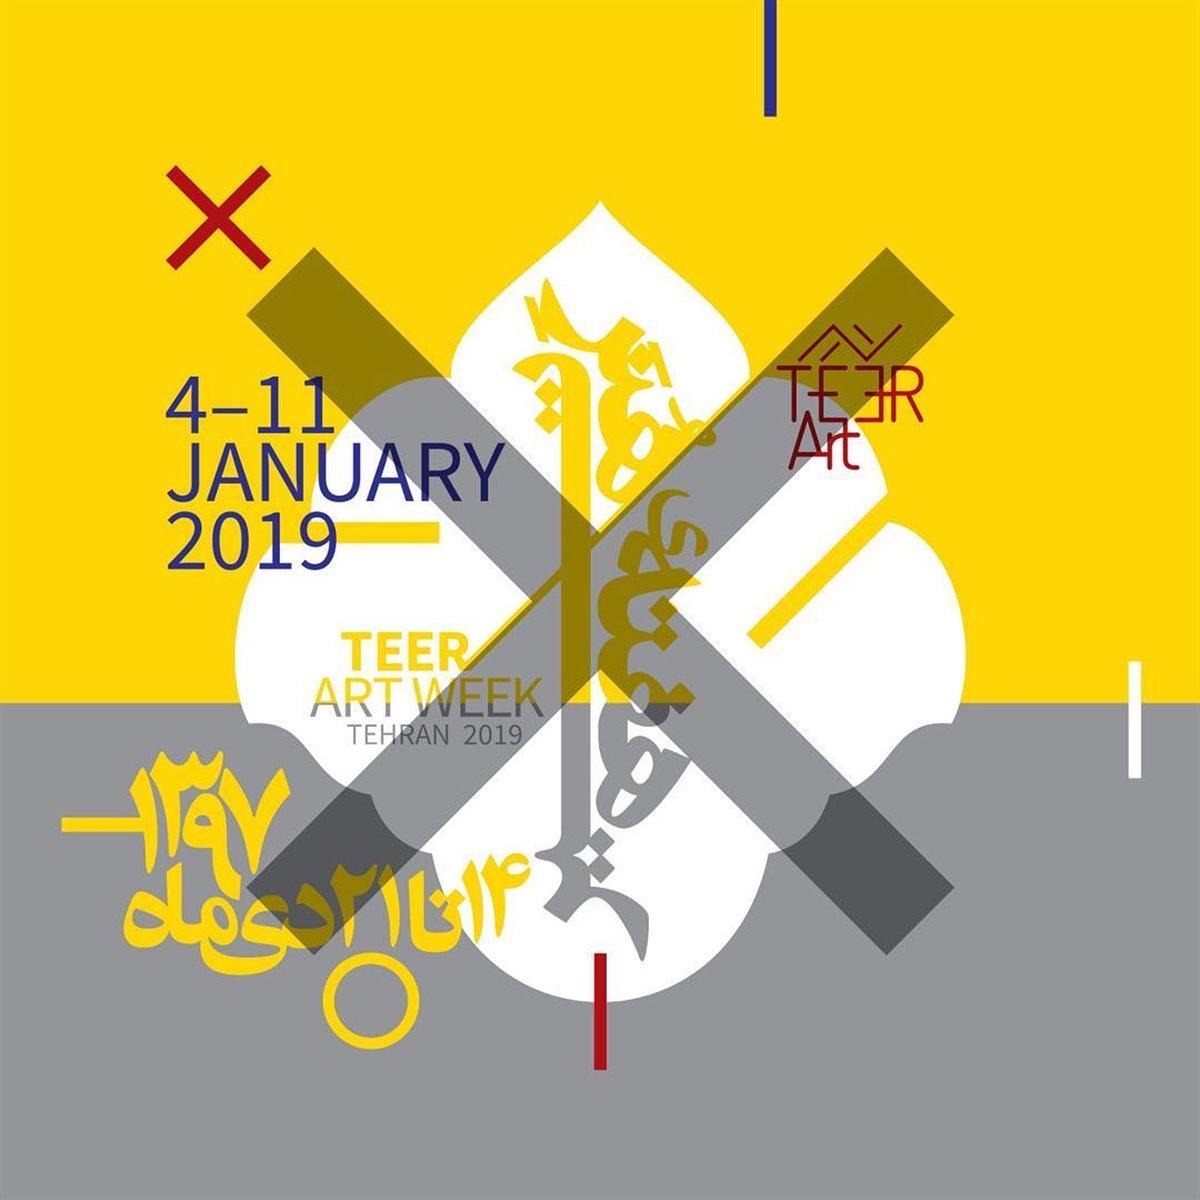 نخستین هفته هنر تهران برپا می شود